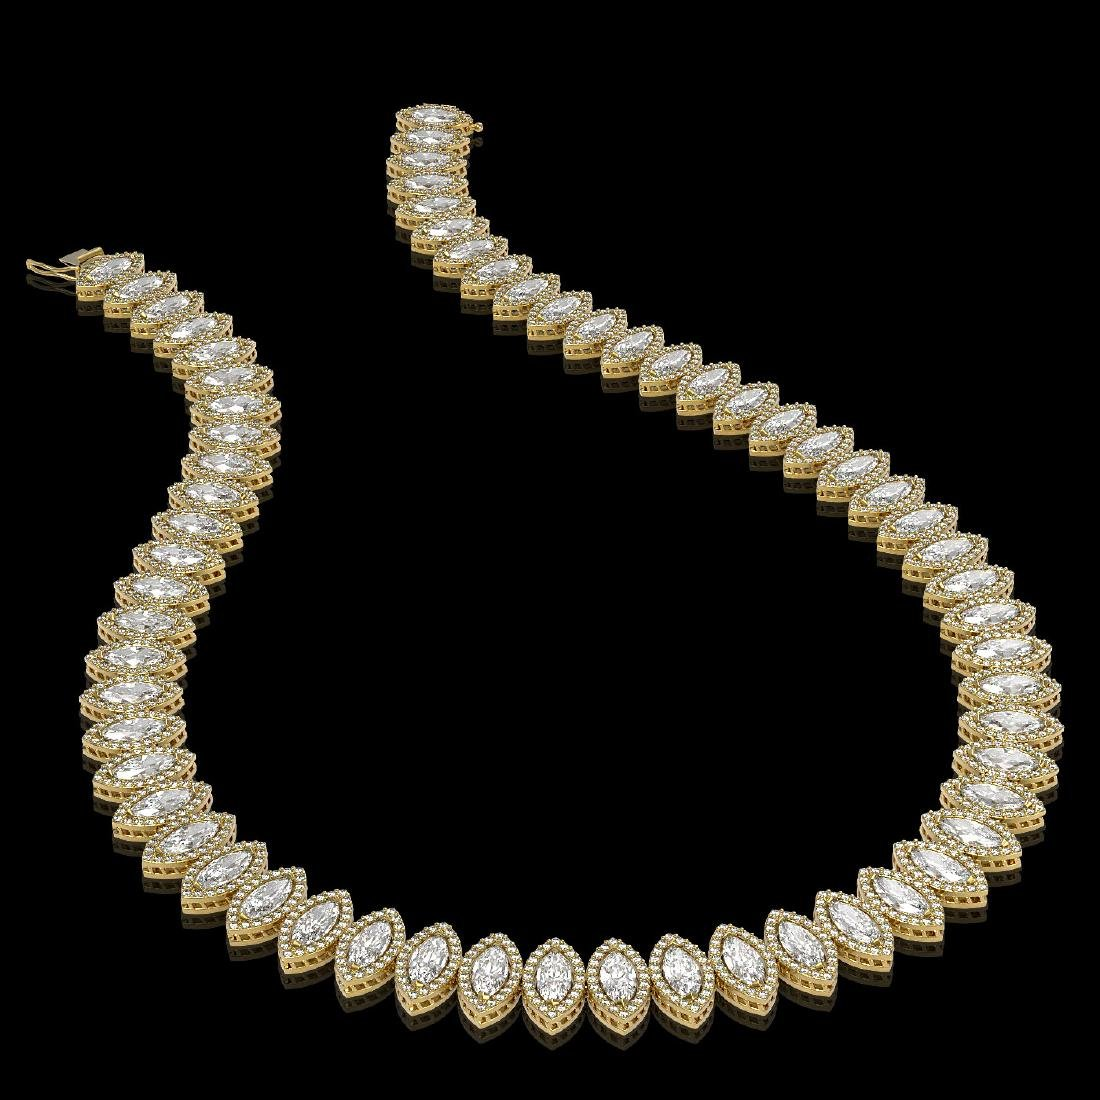 39.68 CTW Marquise Diamond Designer Necklace 18K Yellow - 2